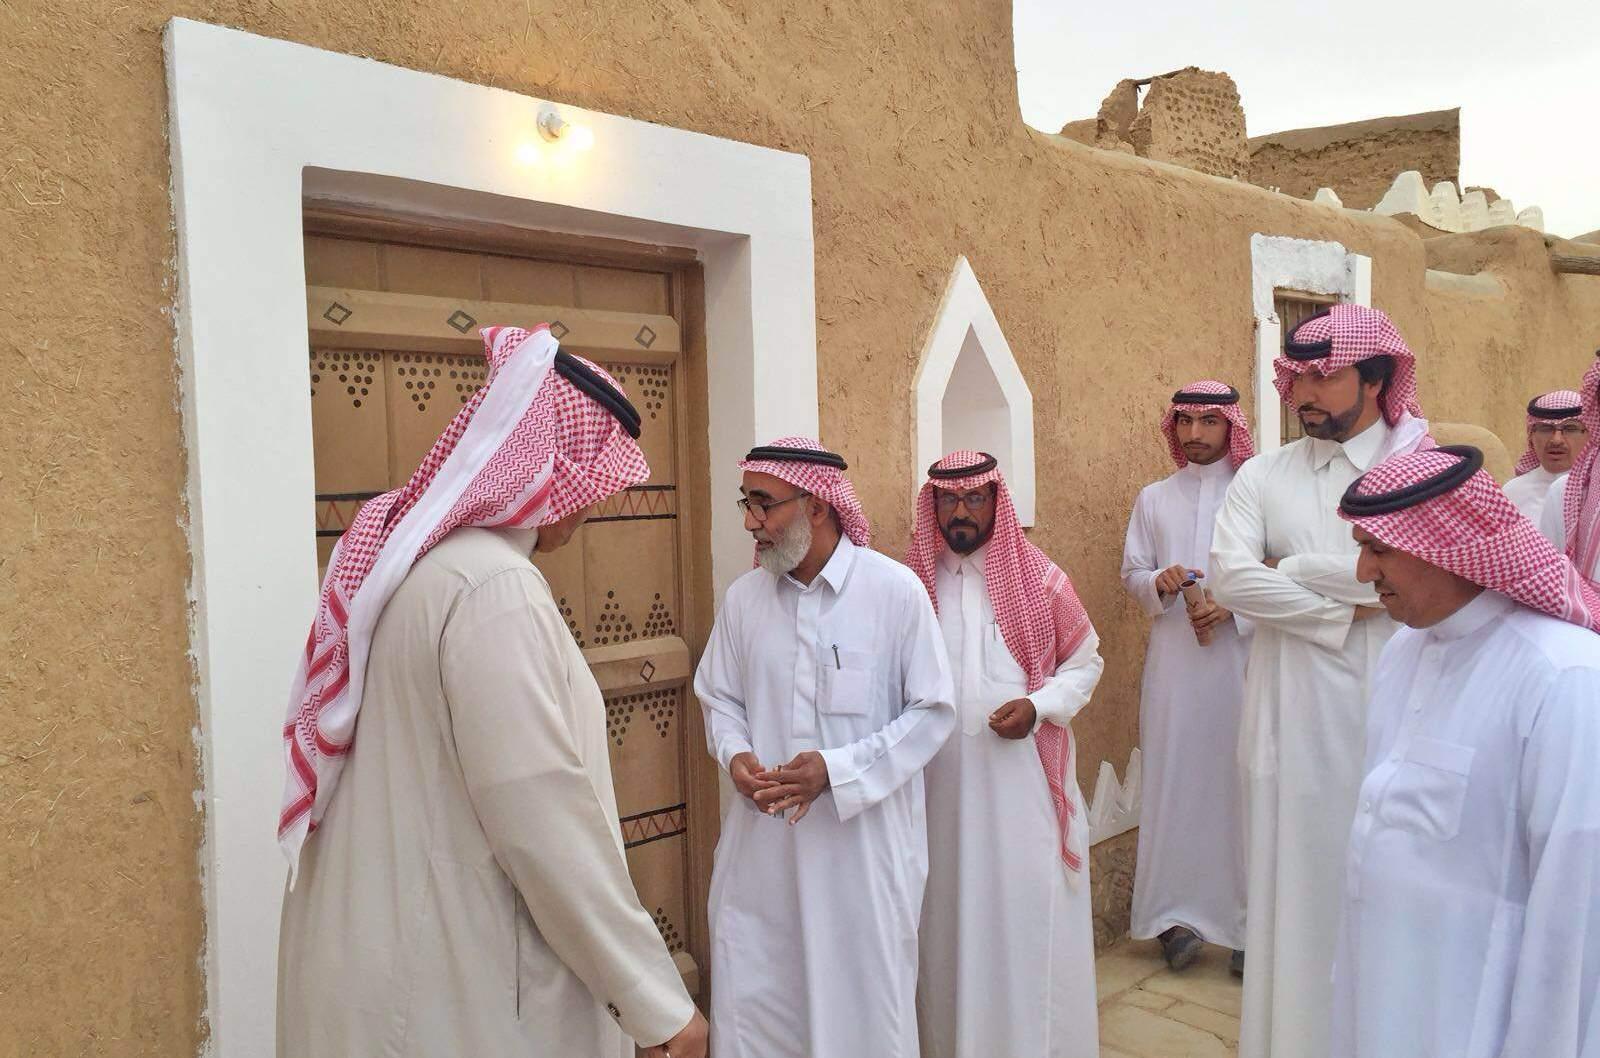 الاميران سعود وبدر يعودان 250 عاماً في قرية القصب (3)